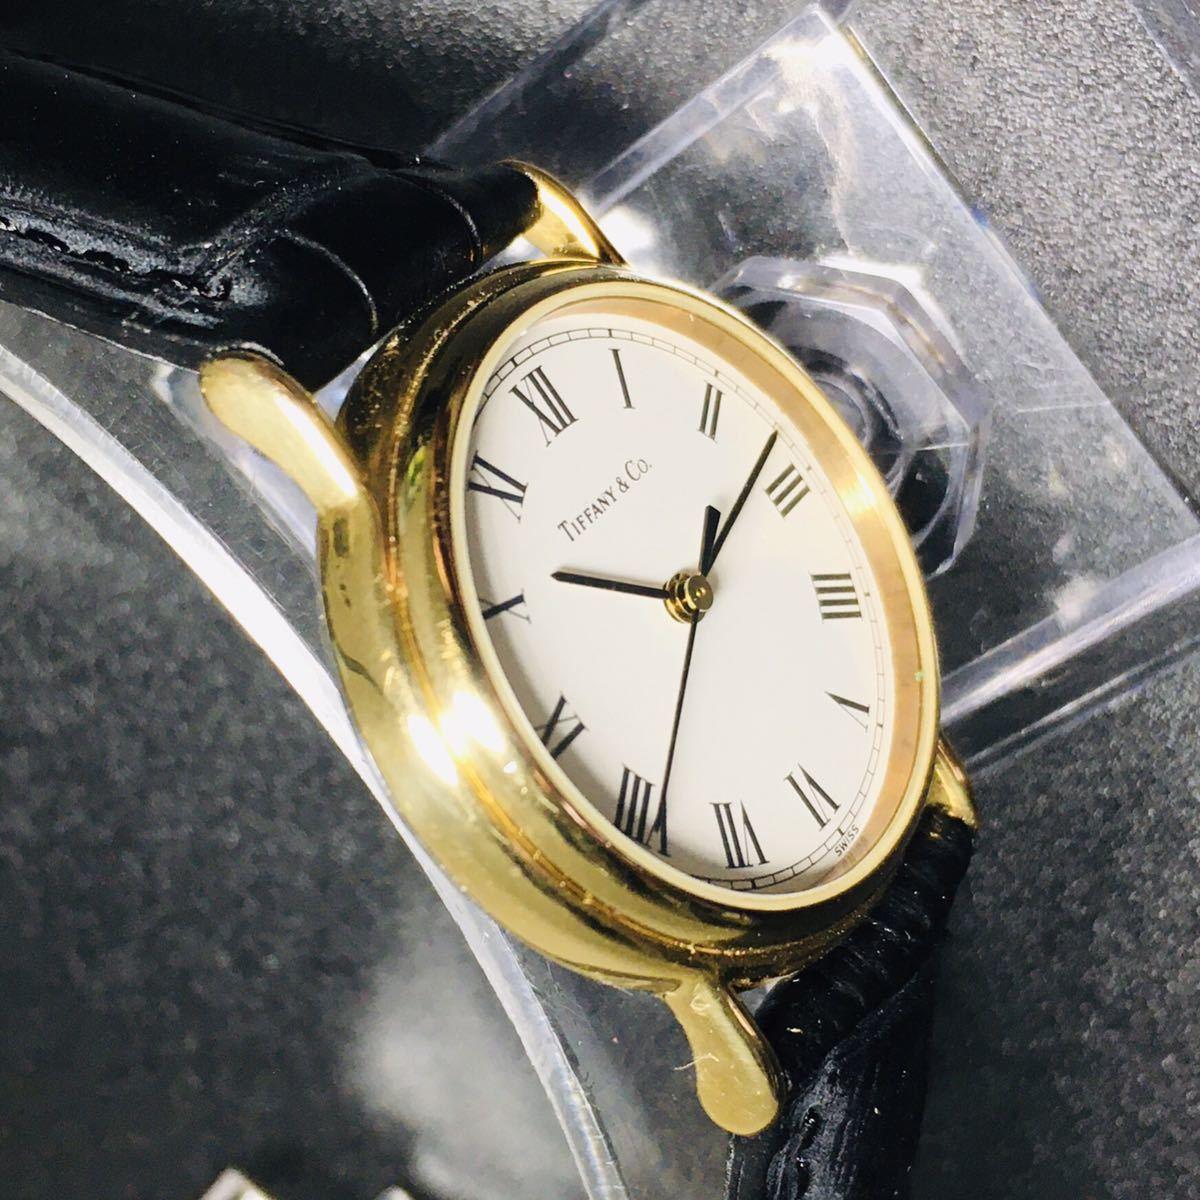 【美品 正規品】ティファニー 腕時計 ローマンインデックス ゴールド クラシック ラウンド レディース 【2005Ti36】_画像7